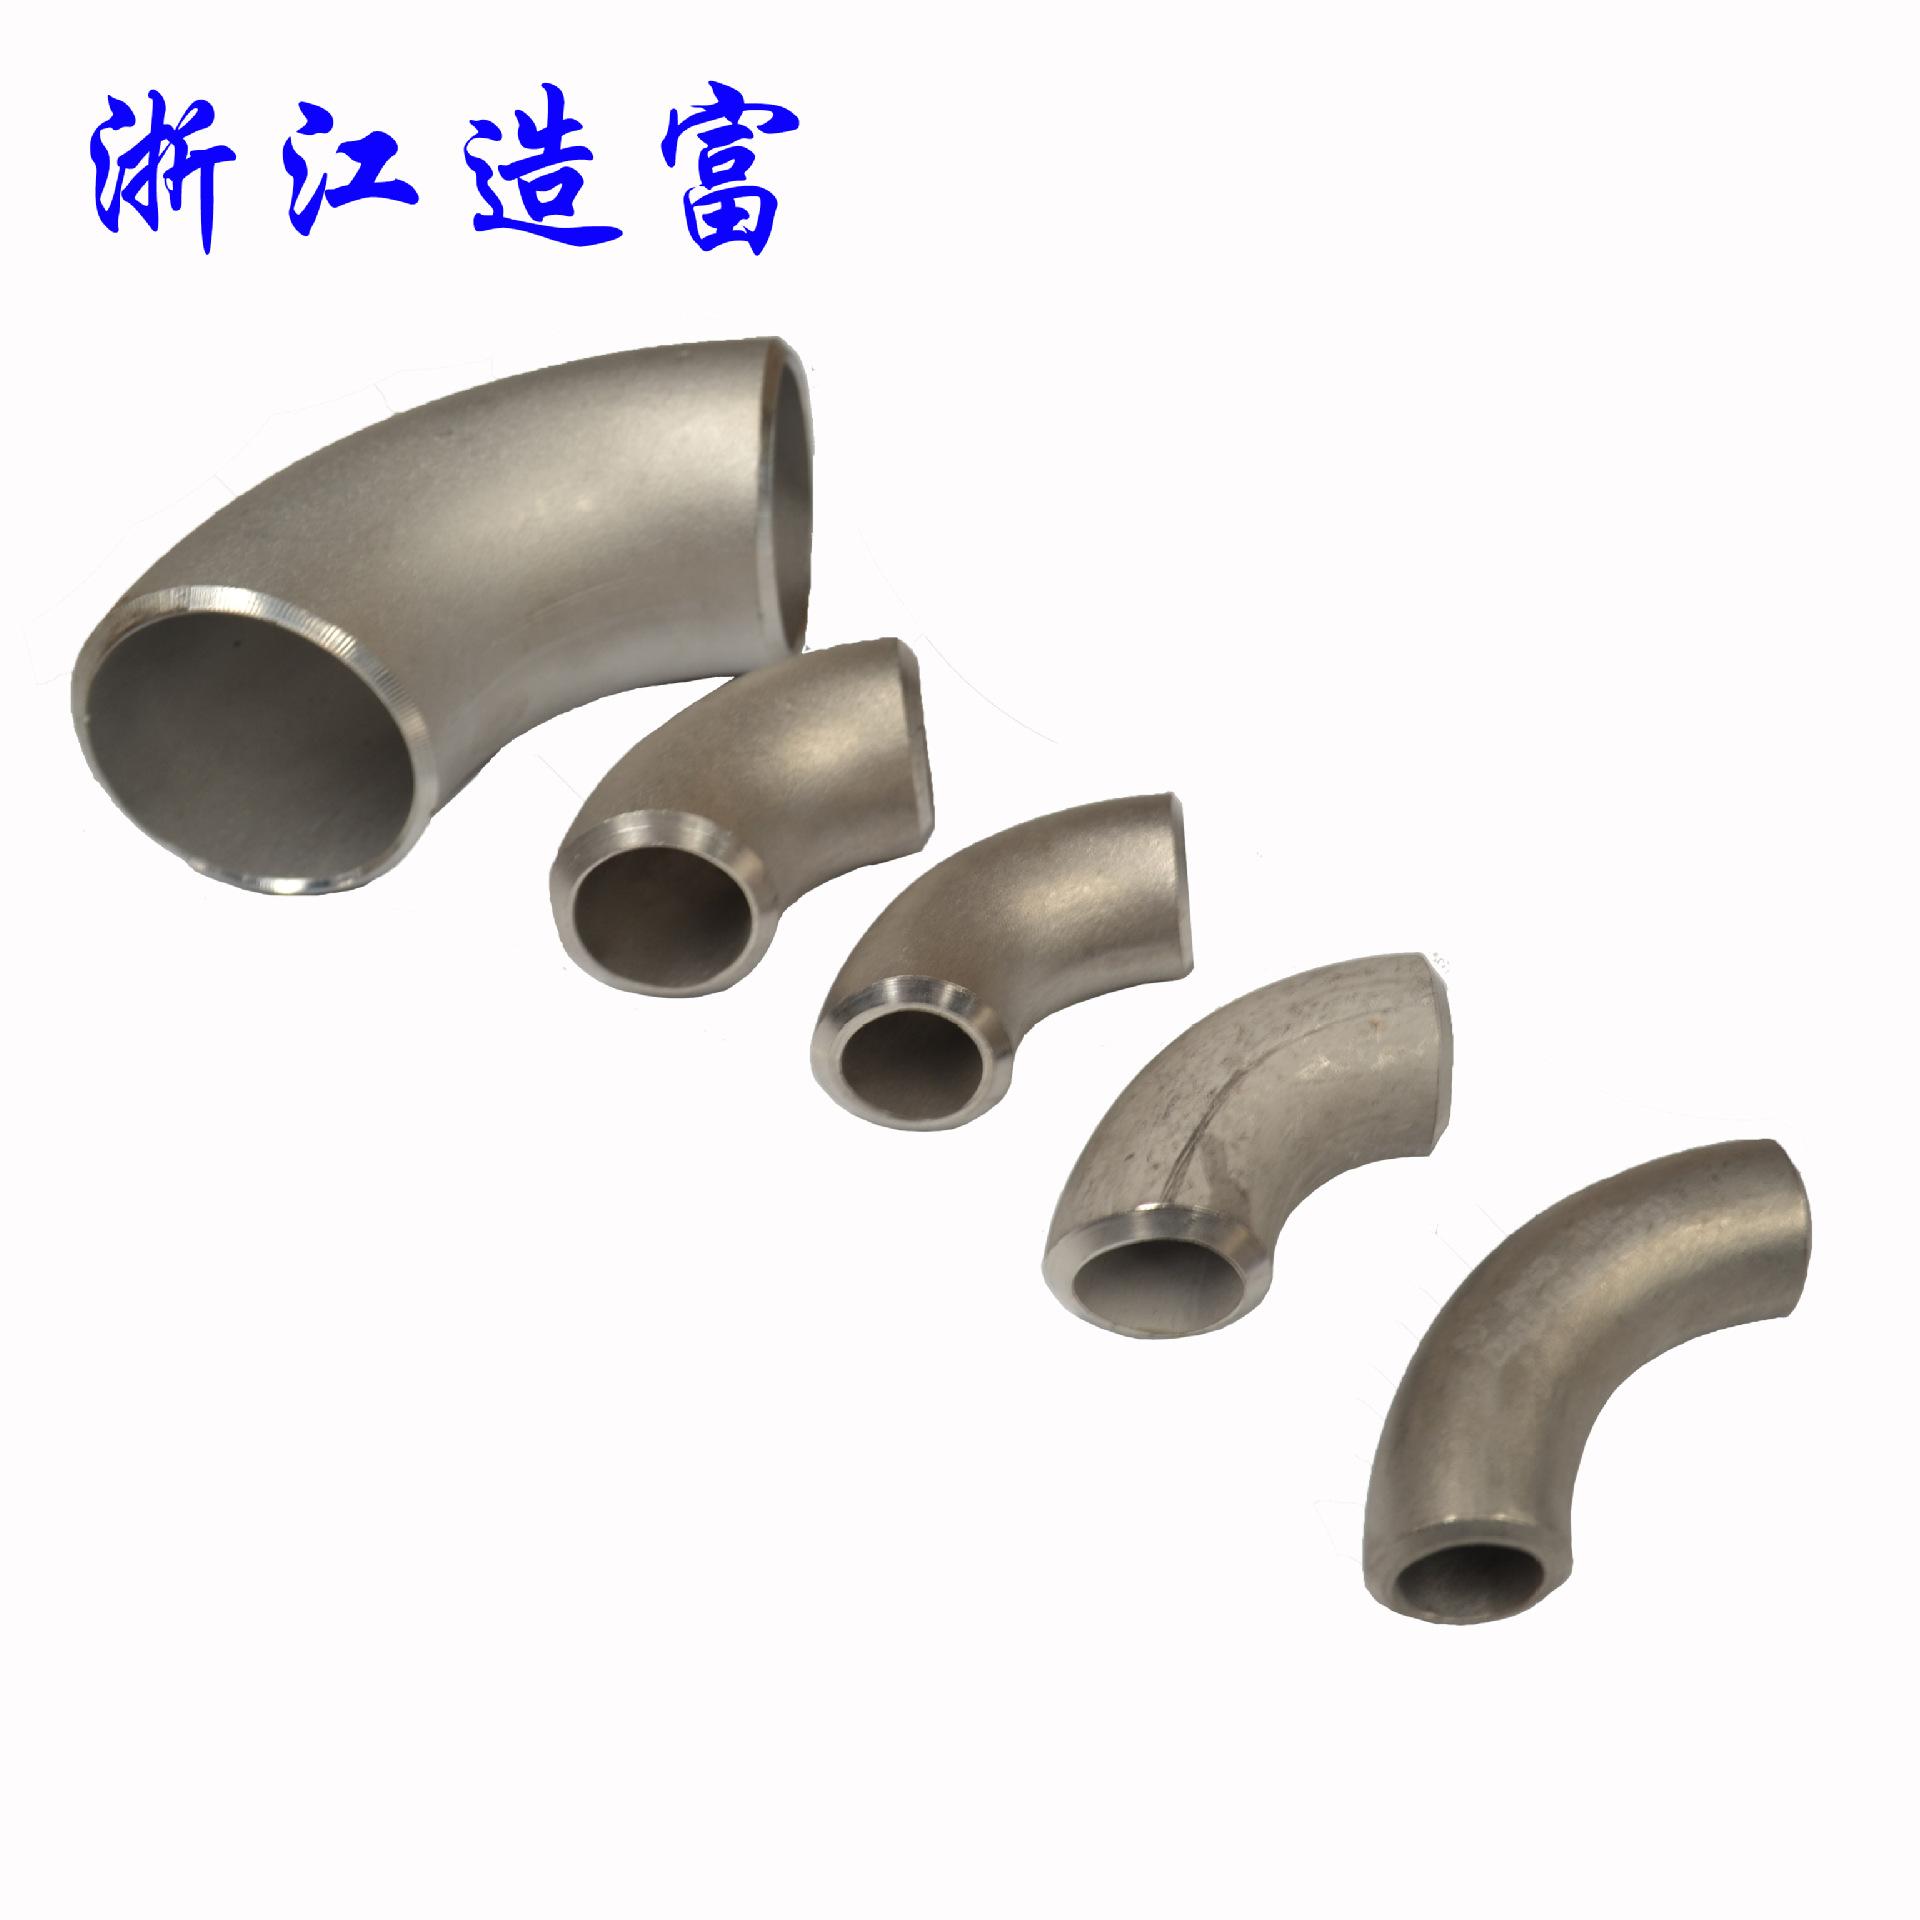 無縫沖壓彎頭碳鋼彎頭管件90度180度碳鋼彎頭 無縫碳鋼管件直銷